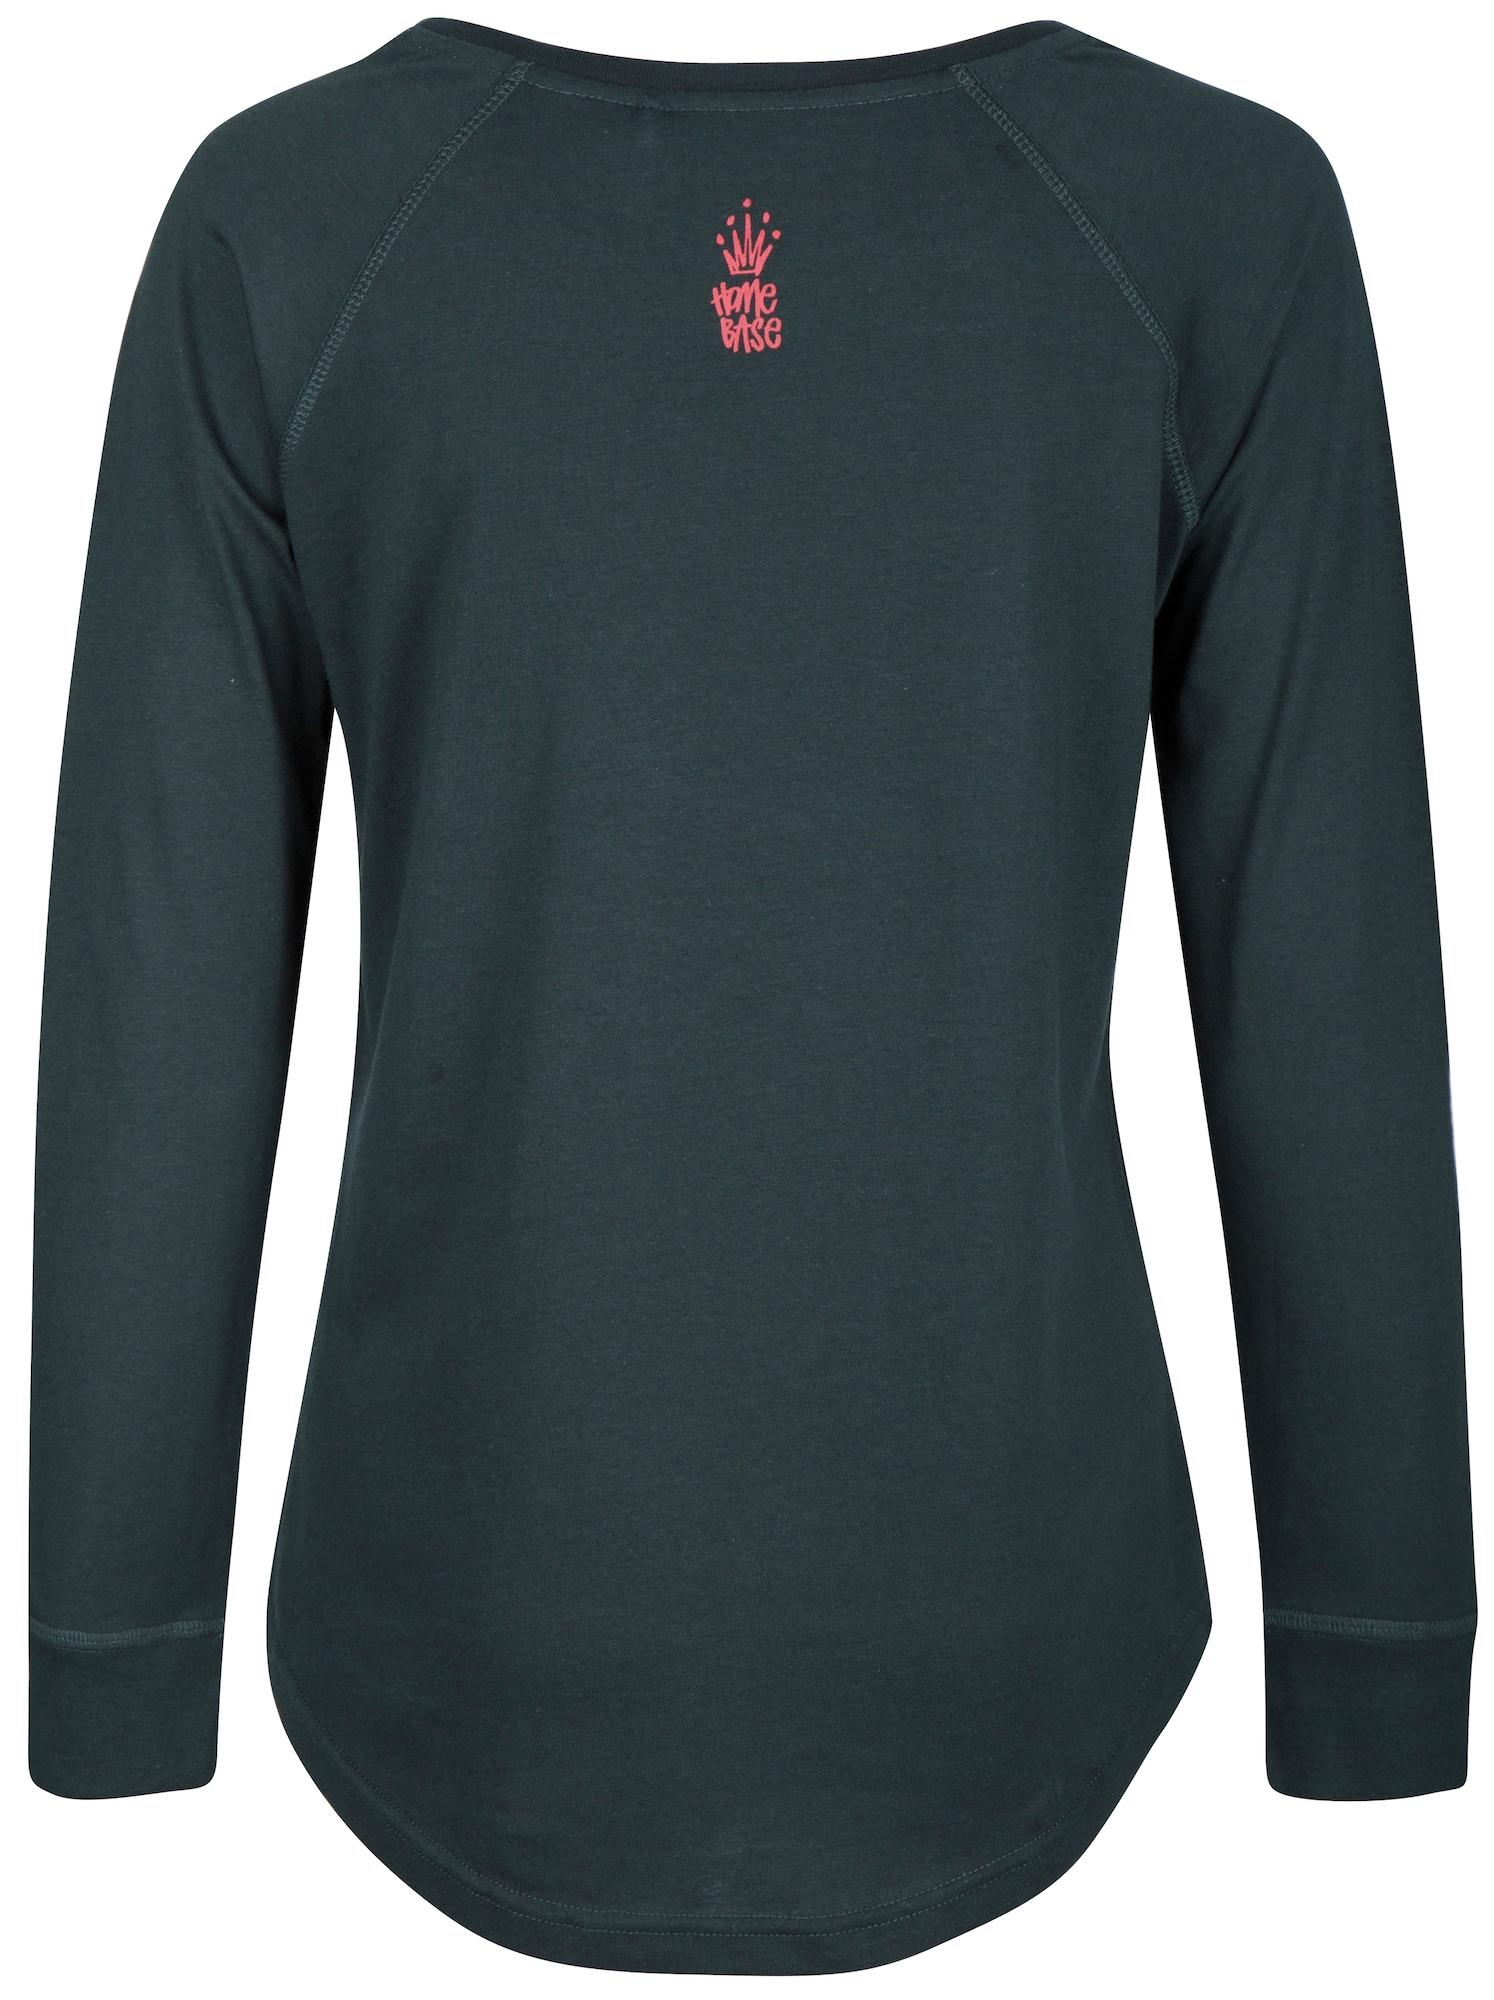 HOMEBASE, Damen Shirt Brandalised by Homebase, groen / spar / donkergroen